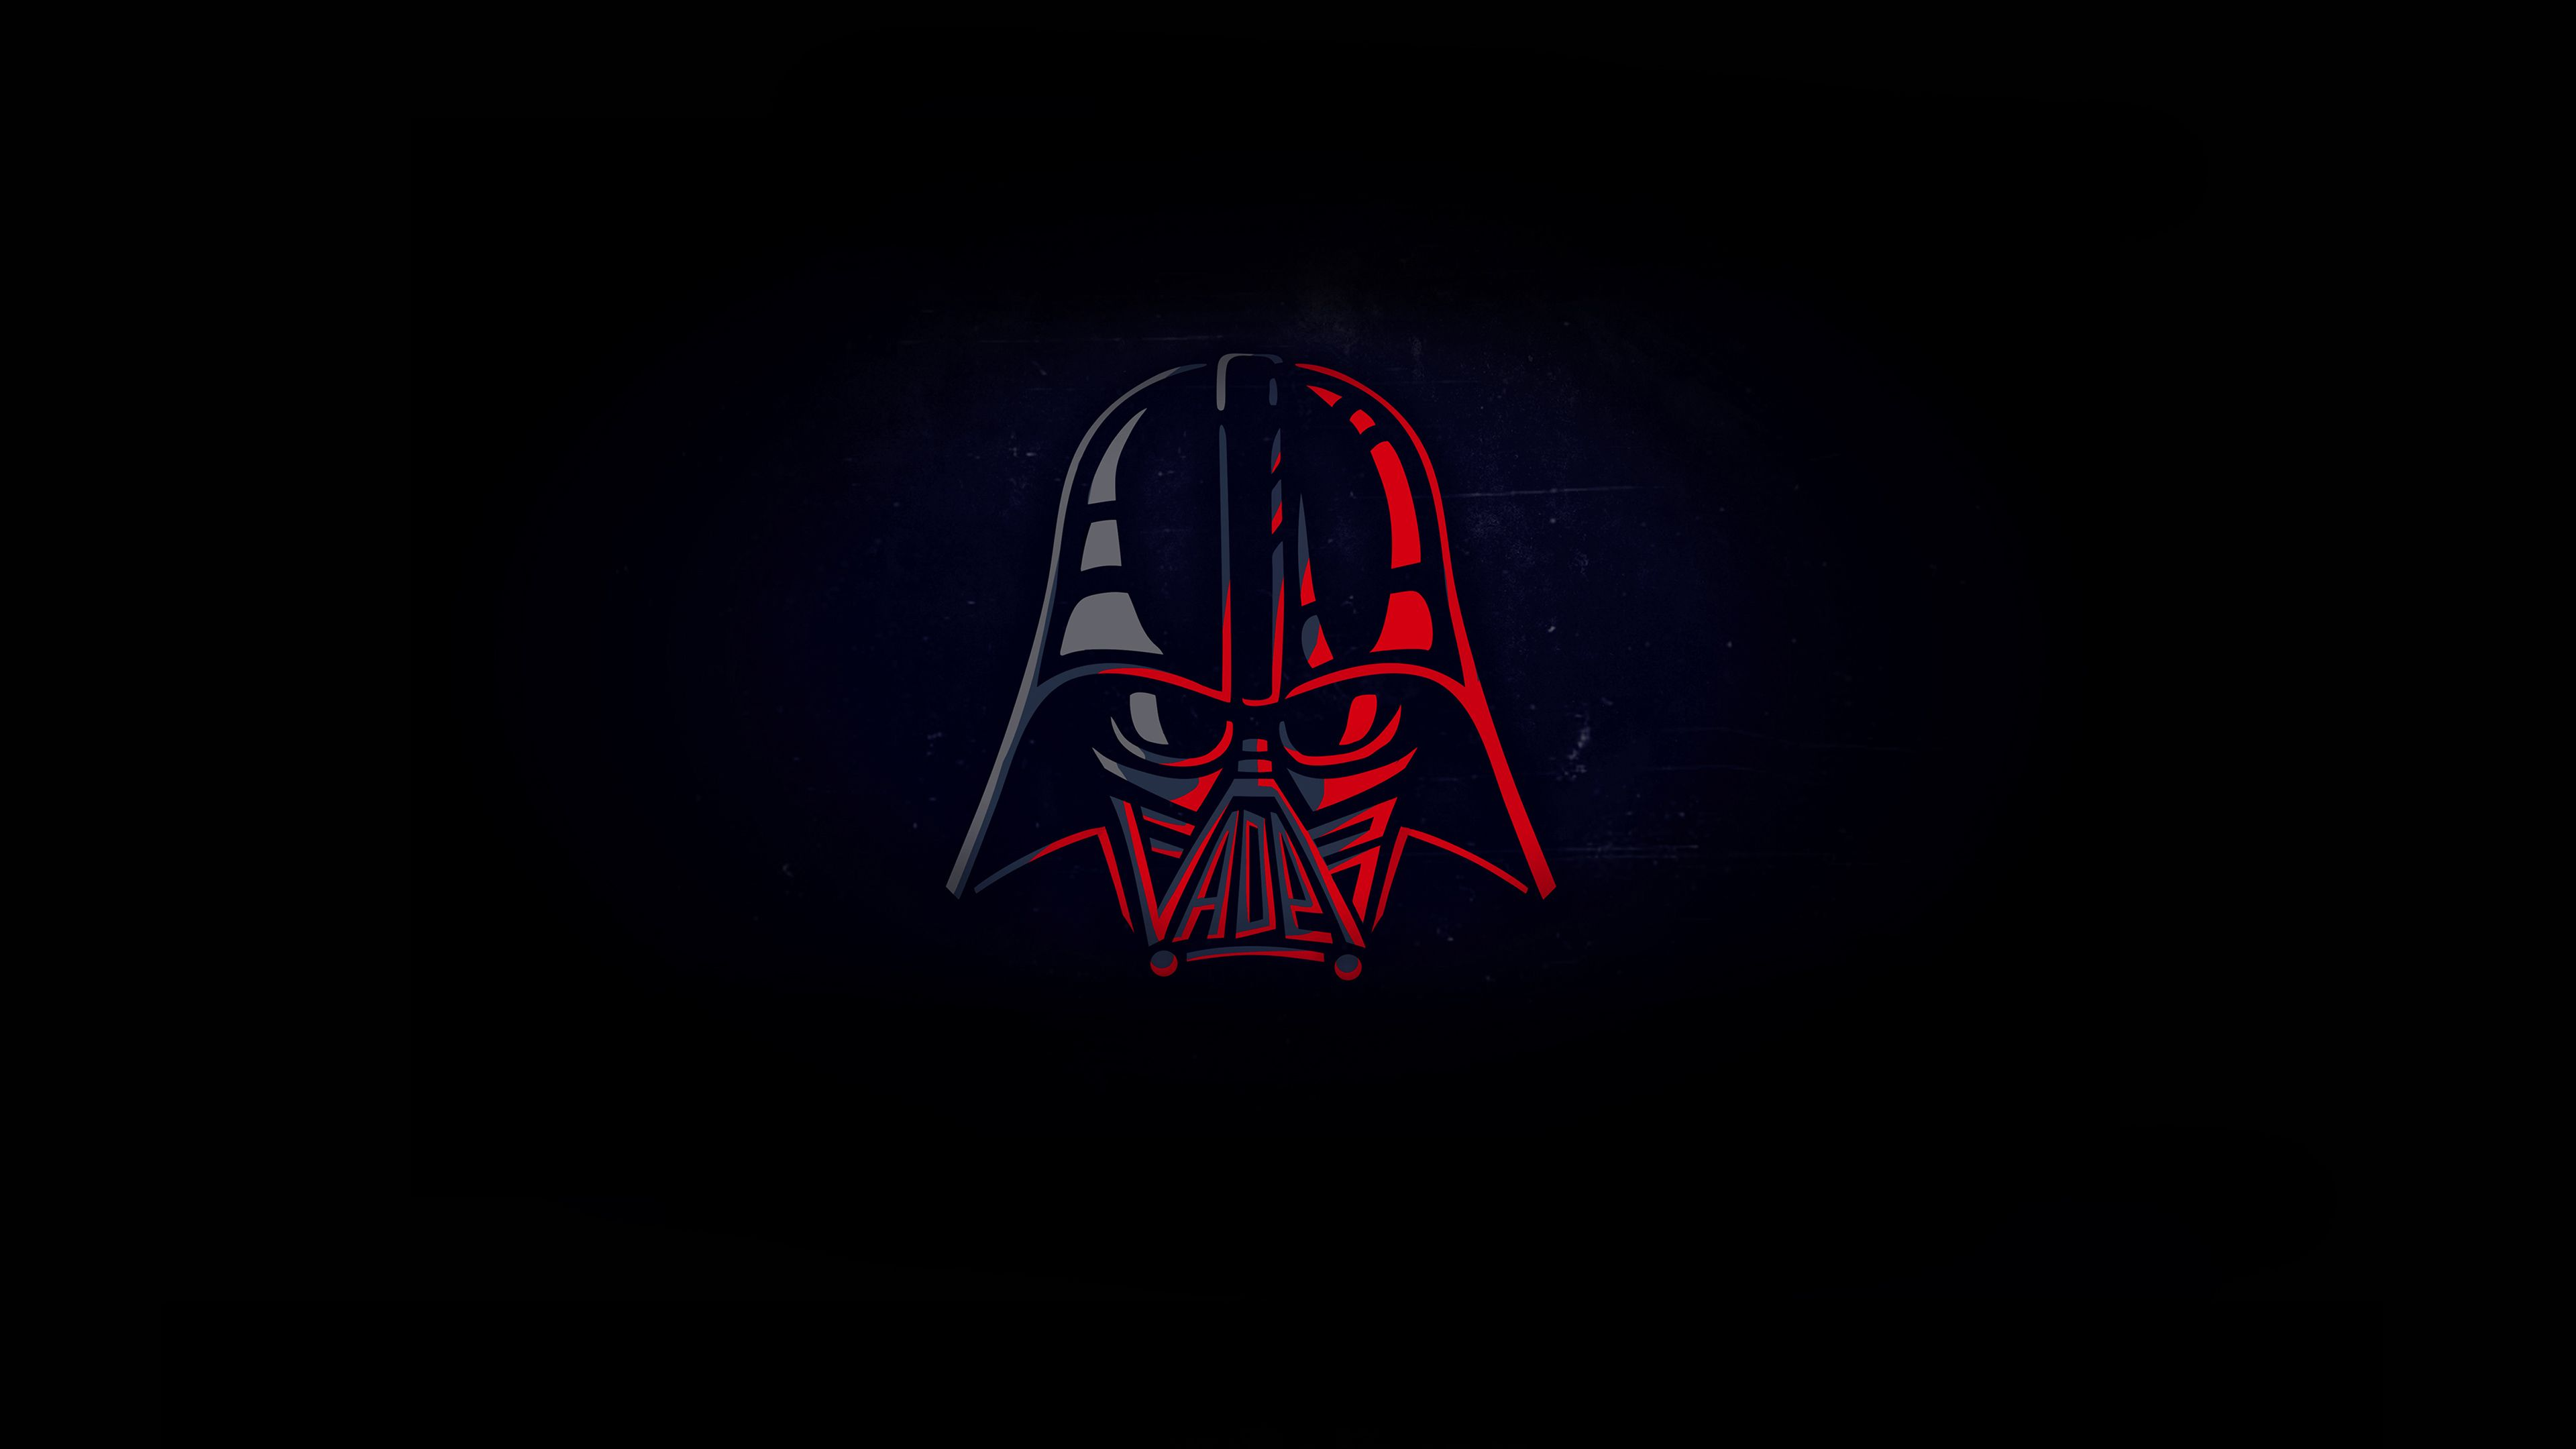 Darth Vader Minimal 4k Star Wars Wallpapers Minimalist Wallpapers Minimalism Wallpapers Hd Wallpapers Darth Vader Wallpaper Star Wars Wallpaper Darth Vader